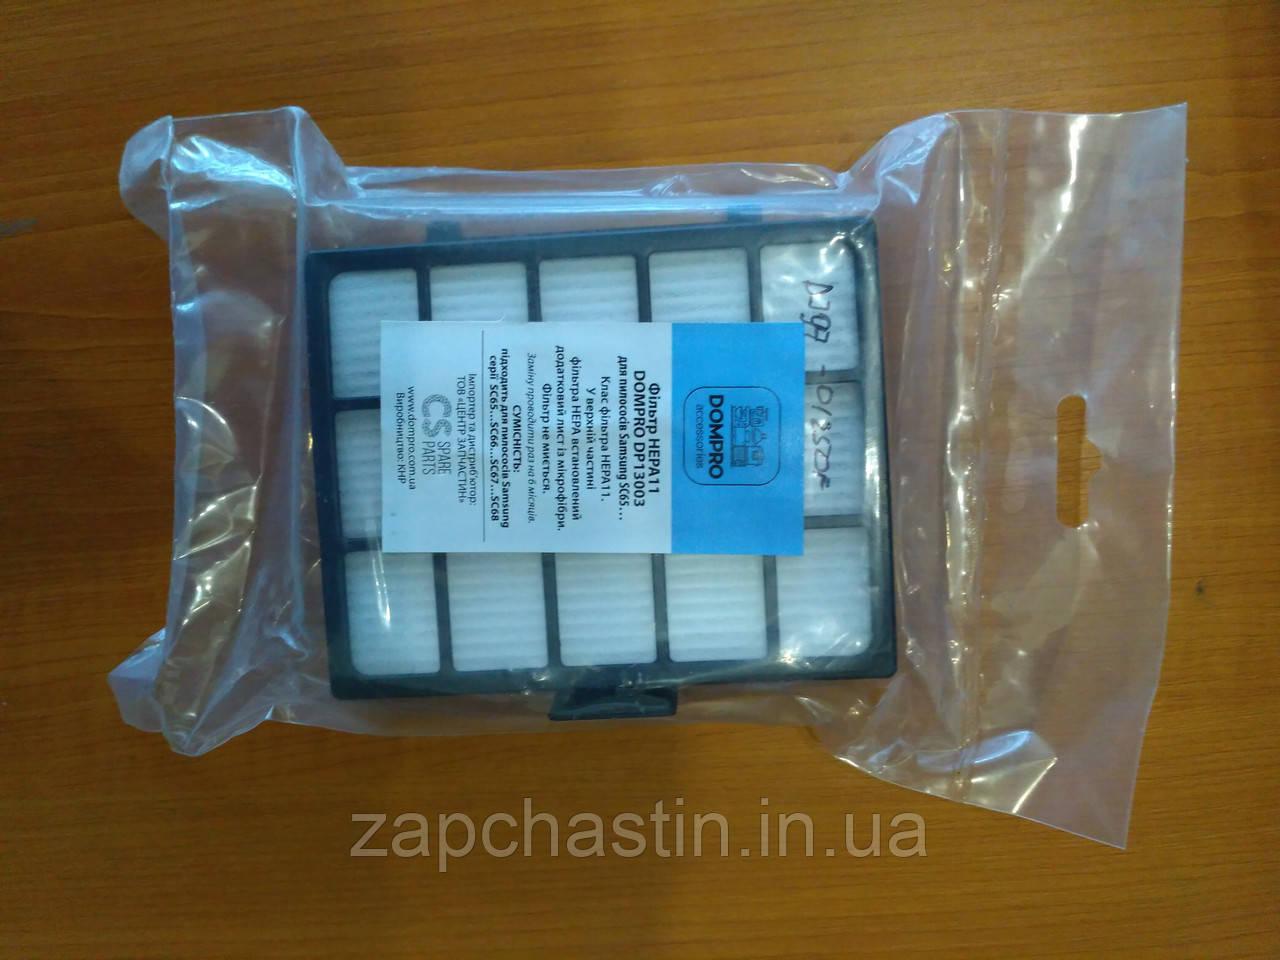 Фильтр пылесоса HEPA, Samsung, 134*110*33